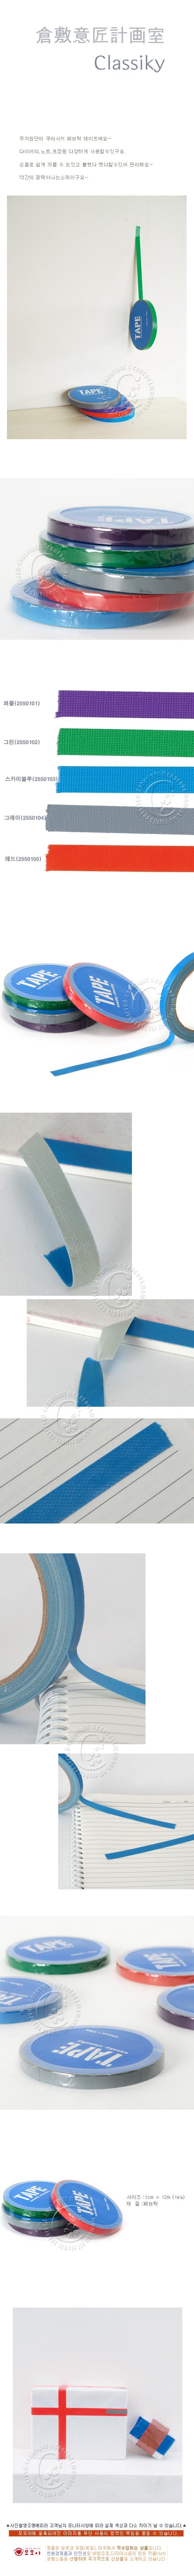 쿠라시키 패브릭 테이프(10mm)6,000원-모모야디자인문구, 데코레이션, 마스킹 테이프, 패브릭 마스킹테이프바보사랑쿠라시키 패브릭 테이프(10mm)6,000원-모모야디자인문구, 데코레이션, 마스킹 테이프, 패브릭 마스킹테이프바보사랑